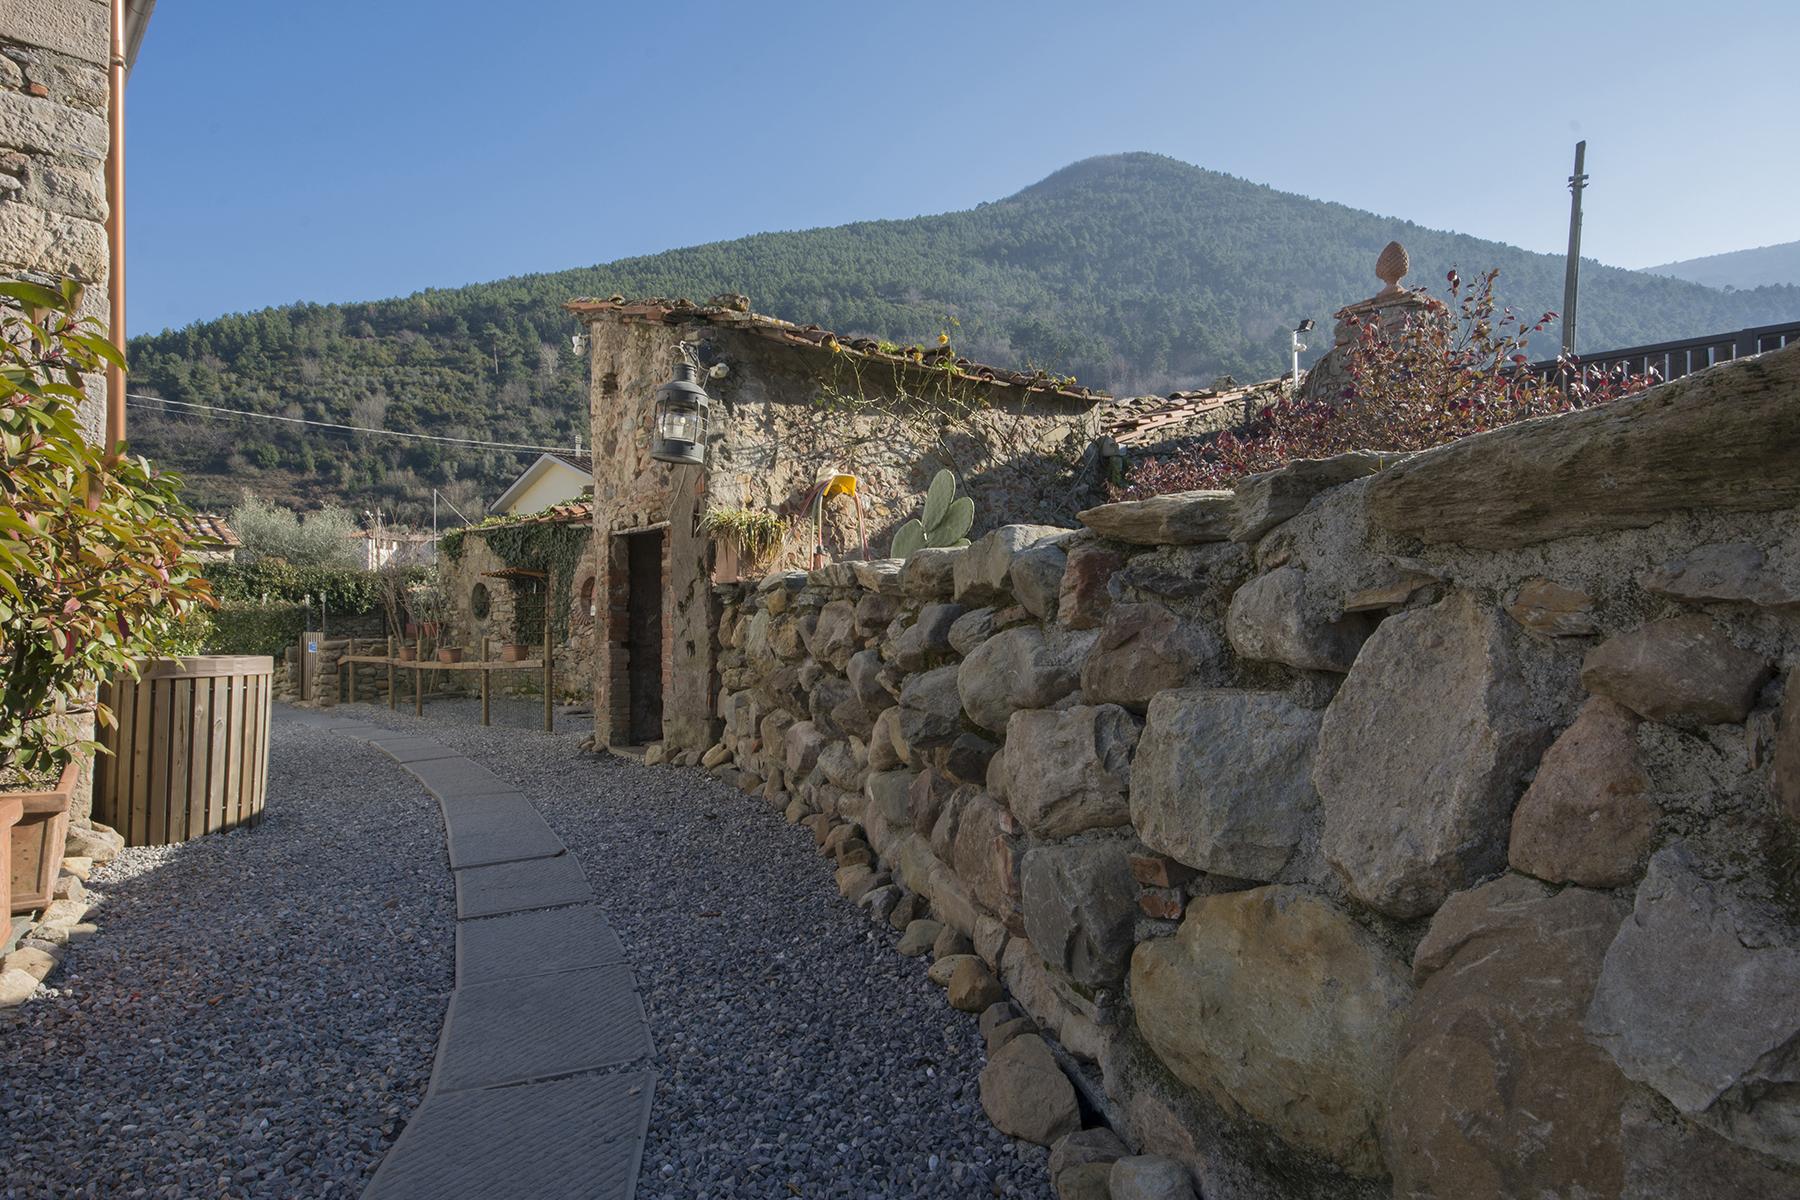 Rustico in Vendita a Capannori: 5 locali, 500 mq - Foto 8